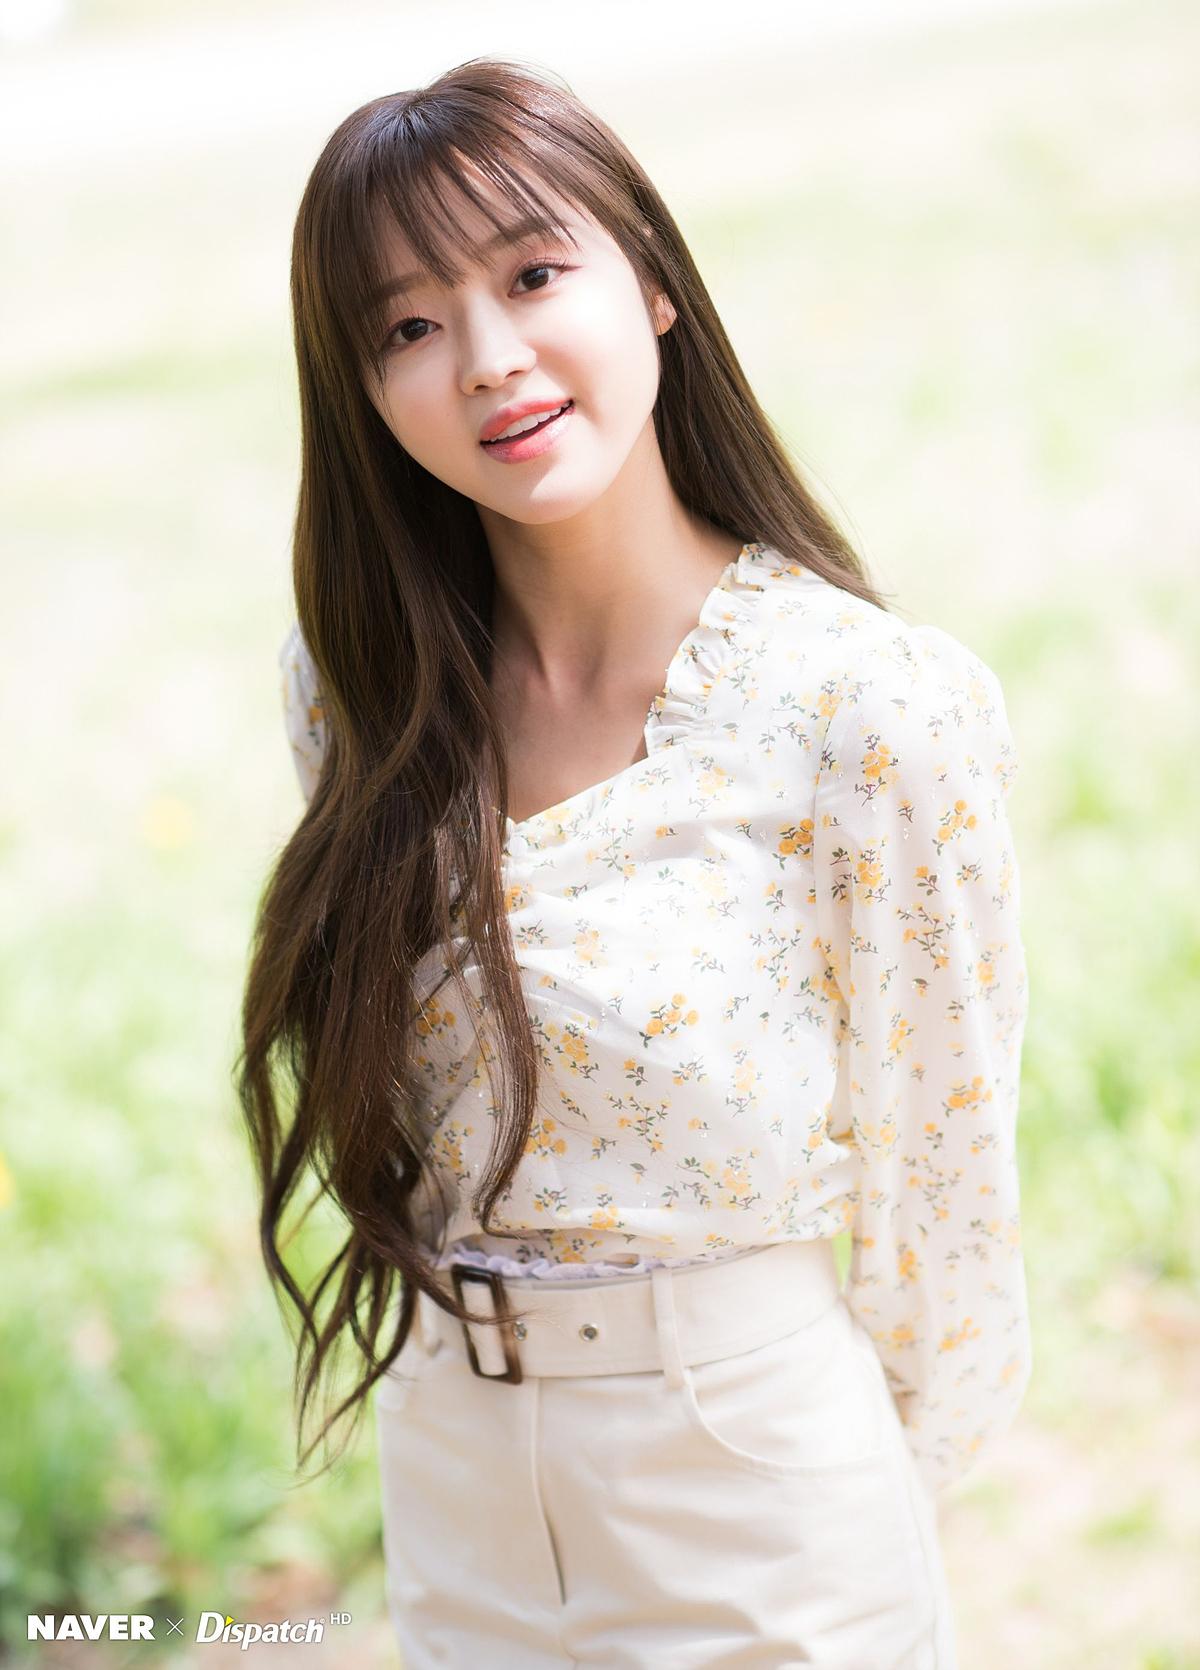 Các mẫu áo blouse vải chiffon mỏng, nhẹ, thoáng mát và có khả năng bắt sáng giúp tô điểm làn da trắng và gương mặt búp bê của YooA.